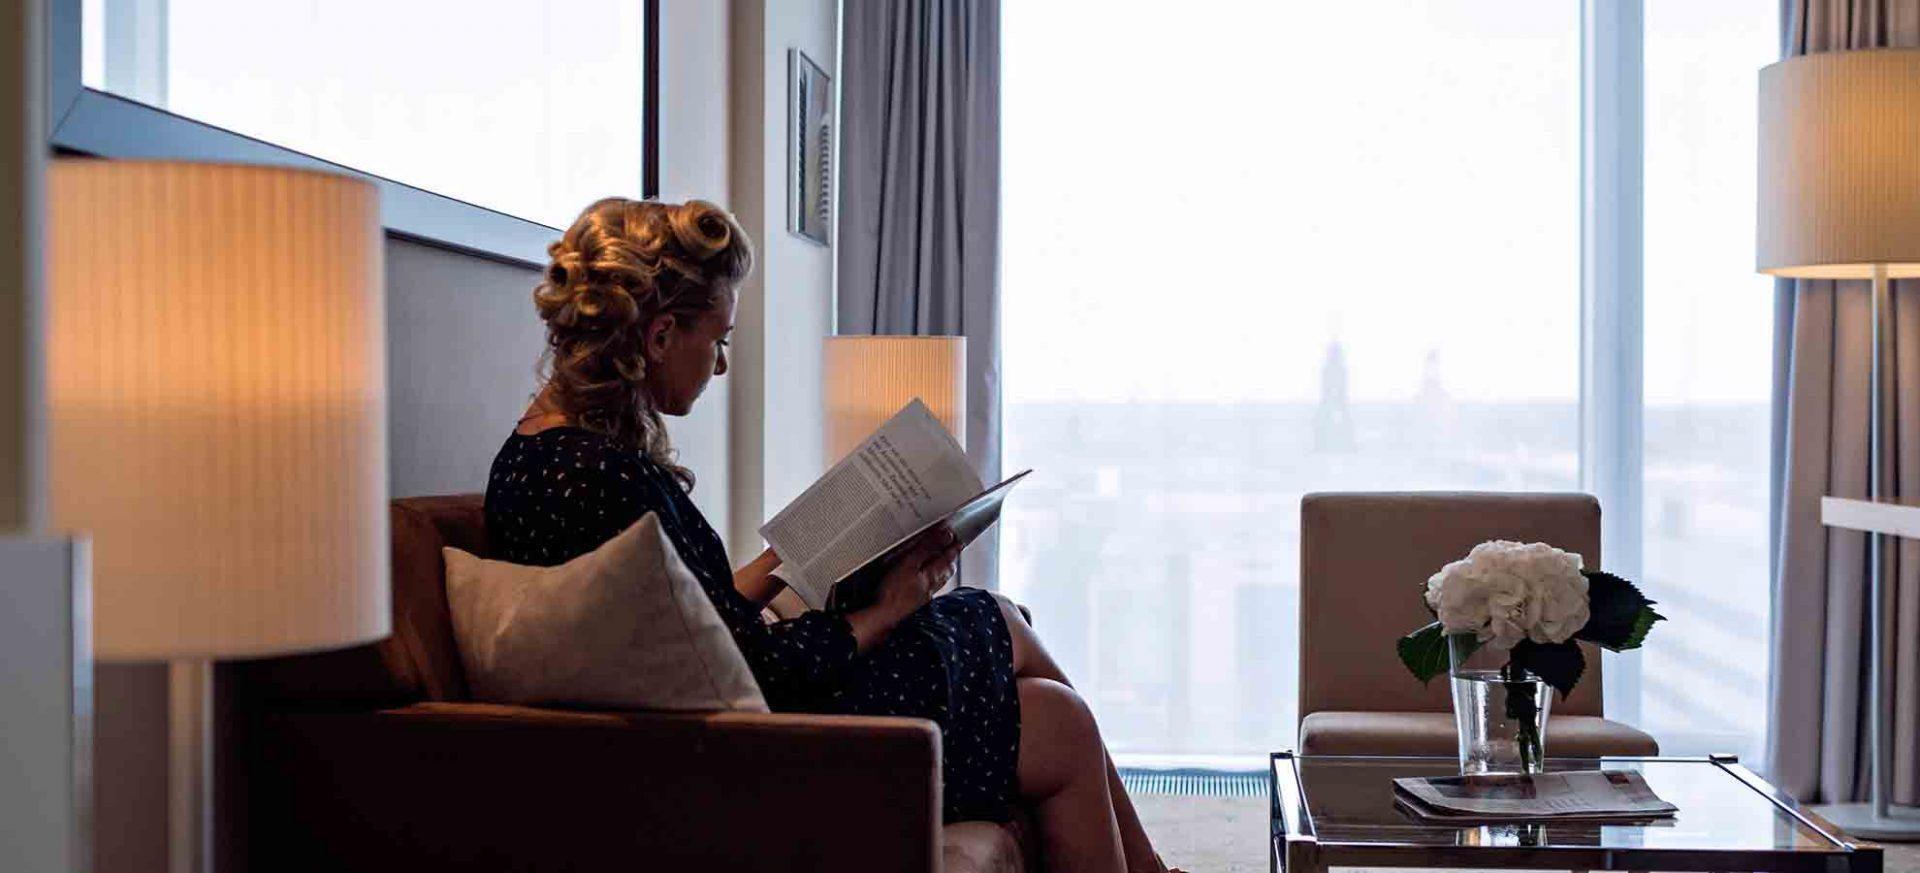 Pullman-Hotel-Dresden-Newa-Deluxe-Zimmer